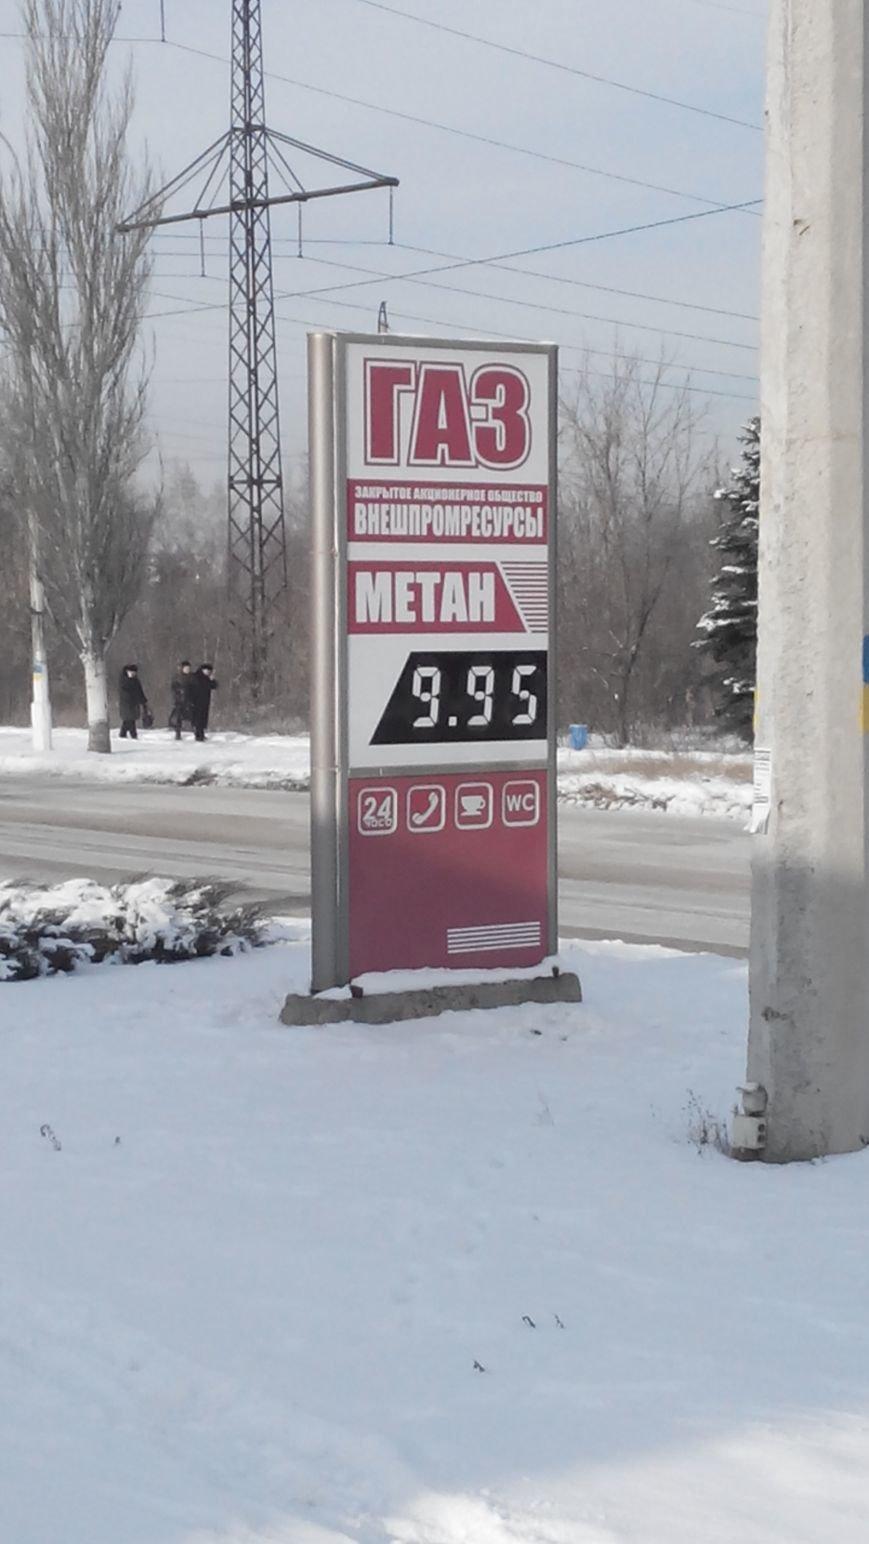 Метан на краматорских заправках вырос в цене (фото) - фото 1